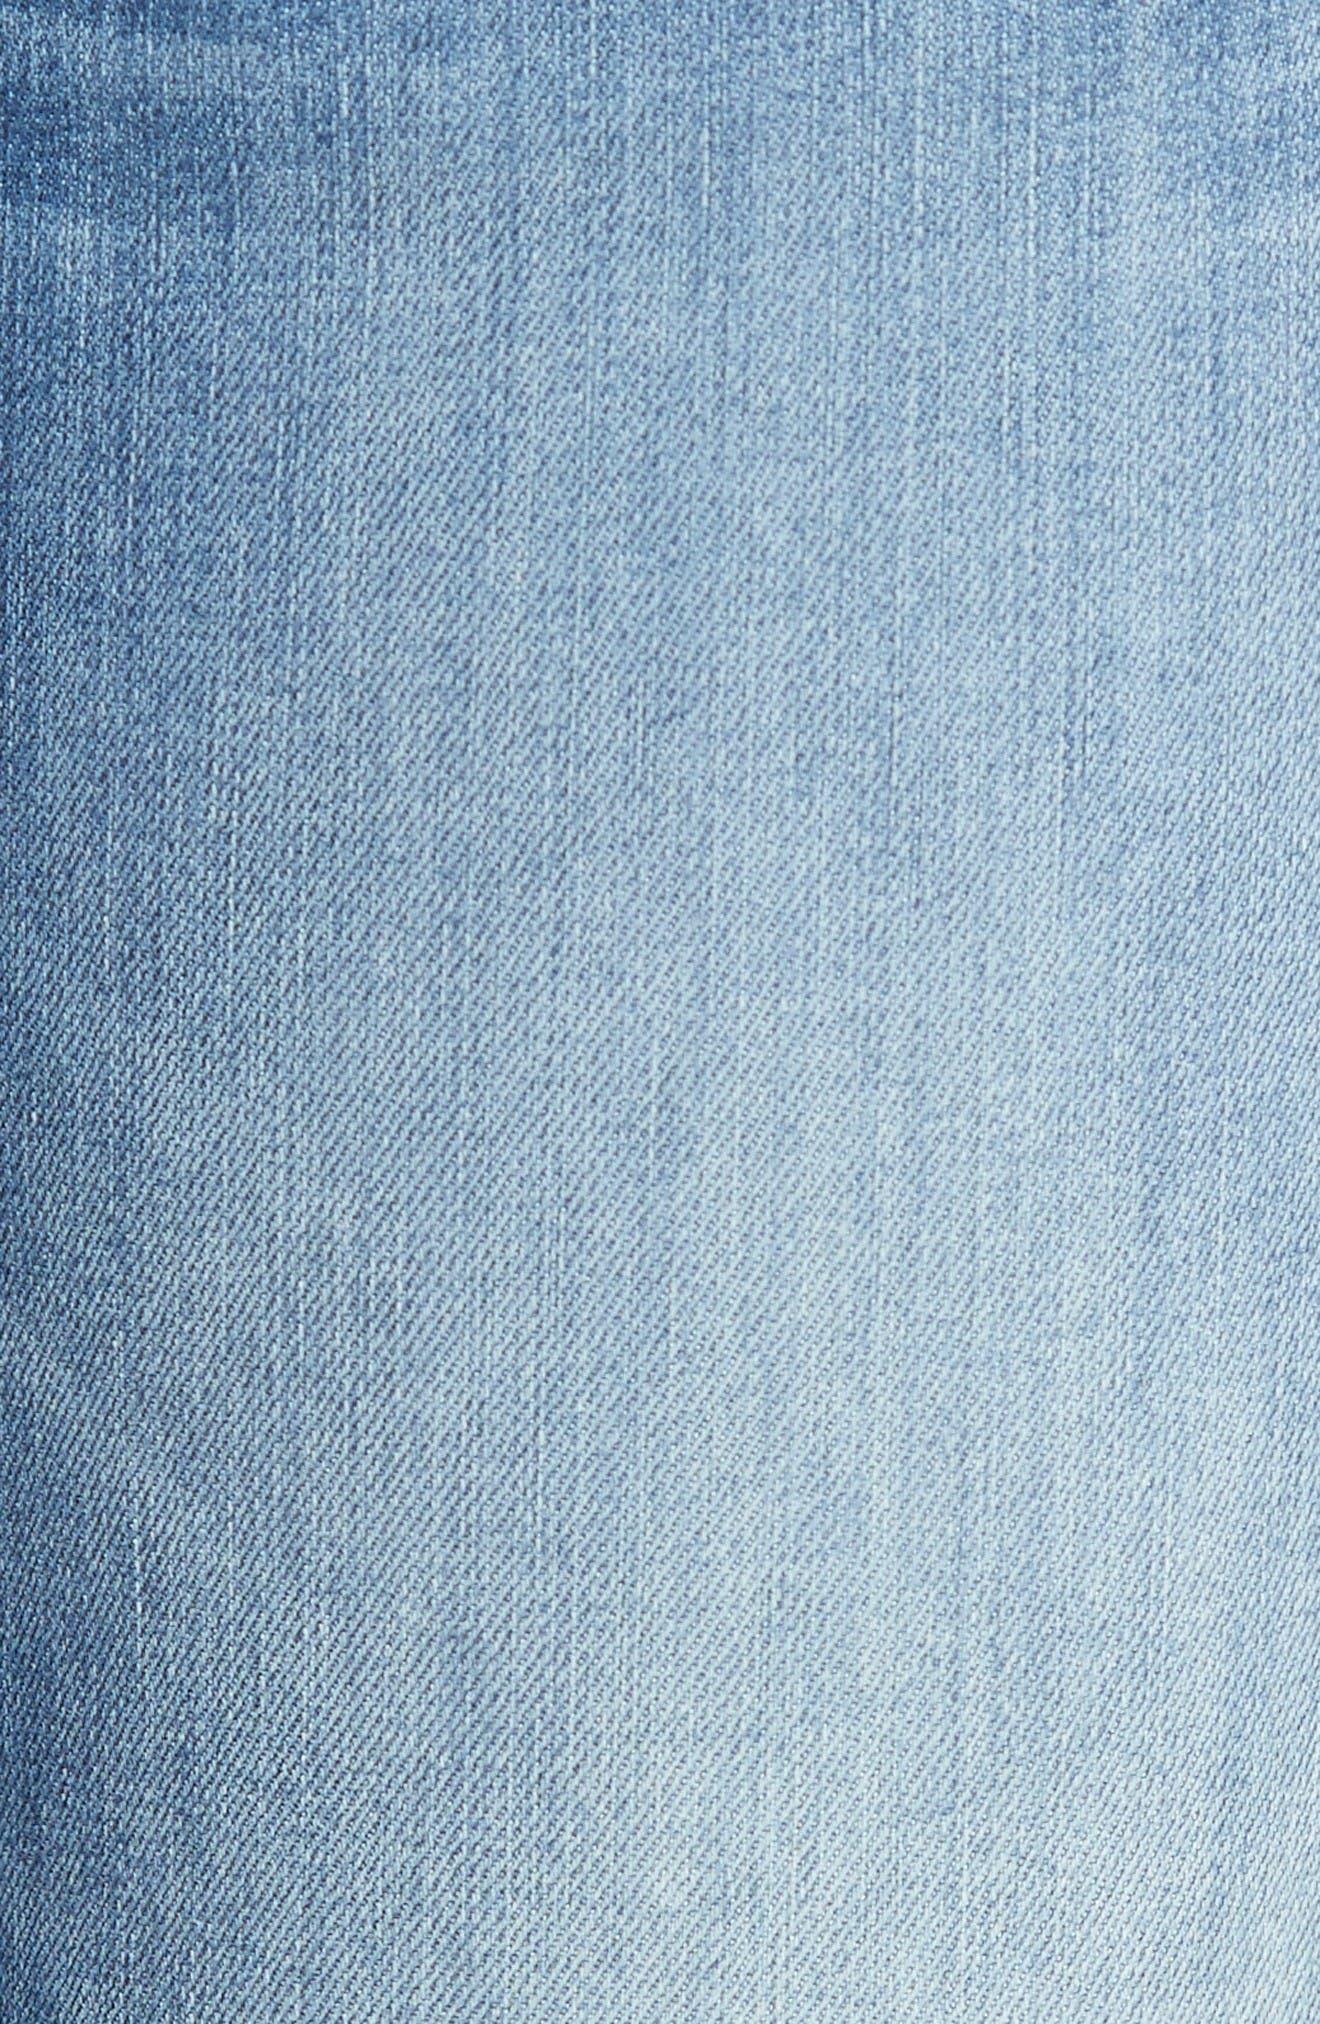 Alternate Image 5  - rag & bone/JEAN Capri Skinny Jeans (Clean Lilly Dale)